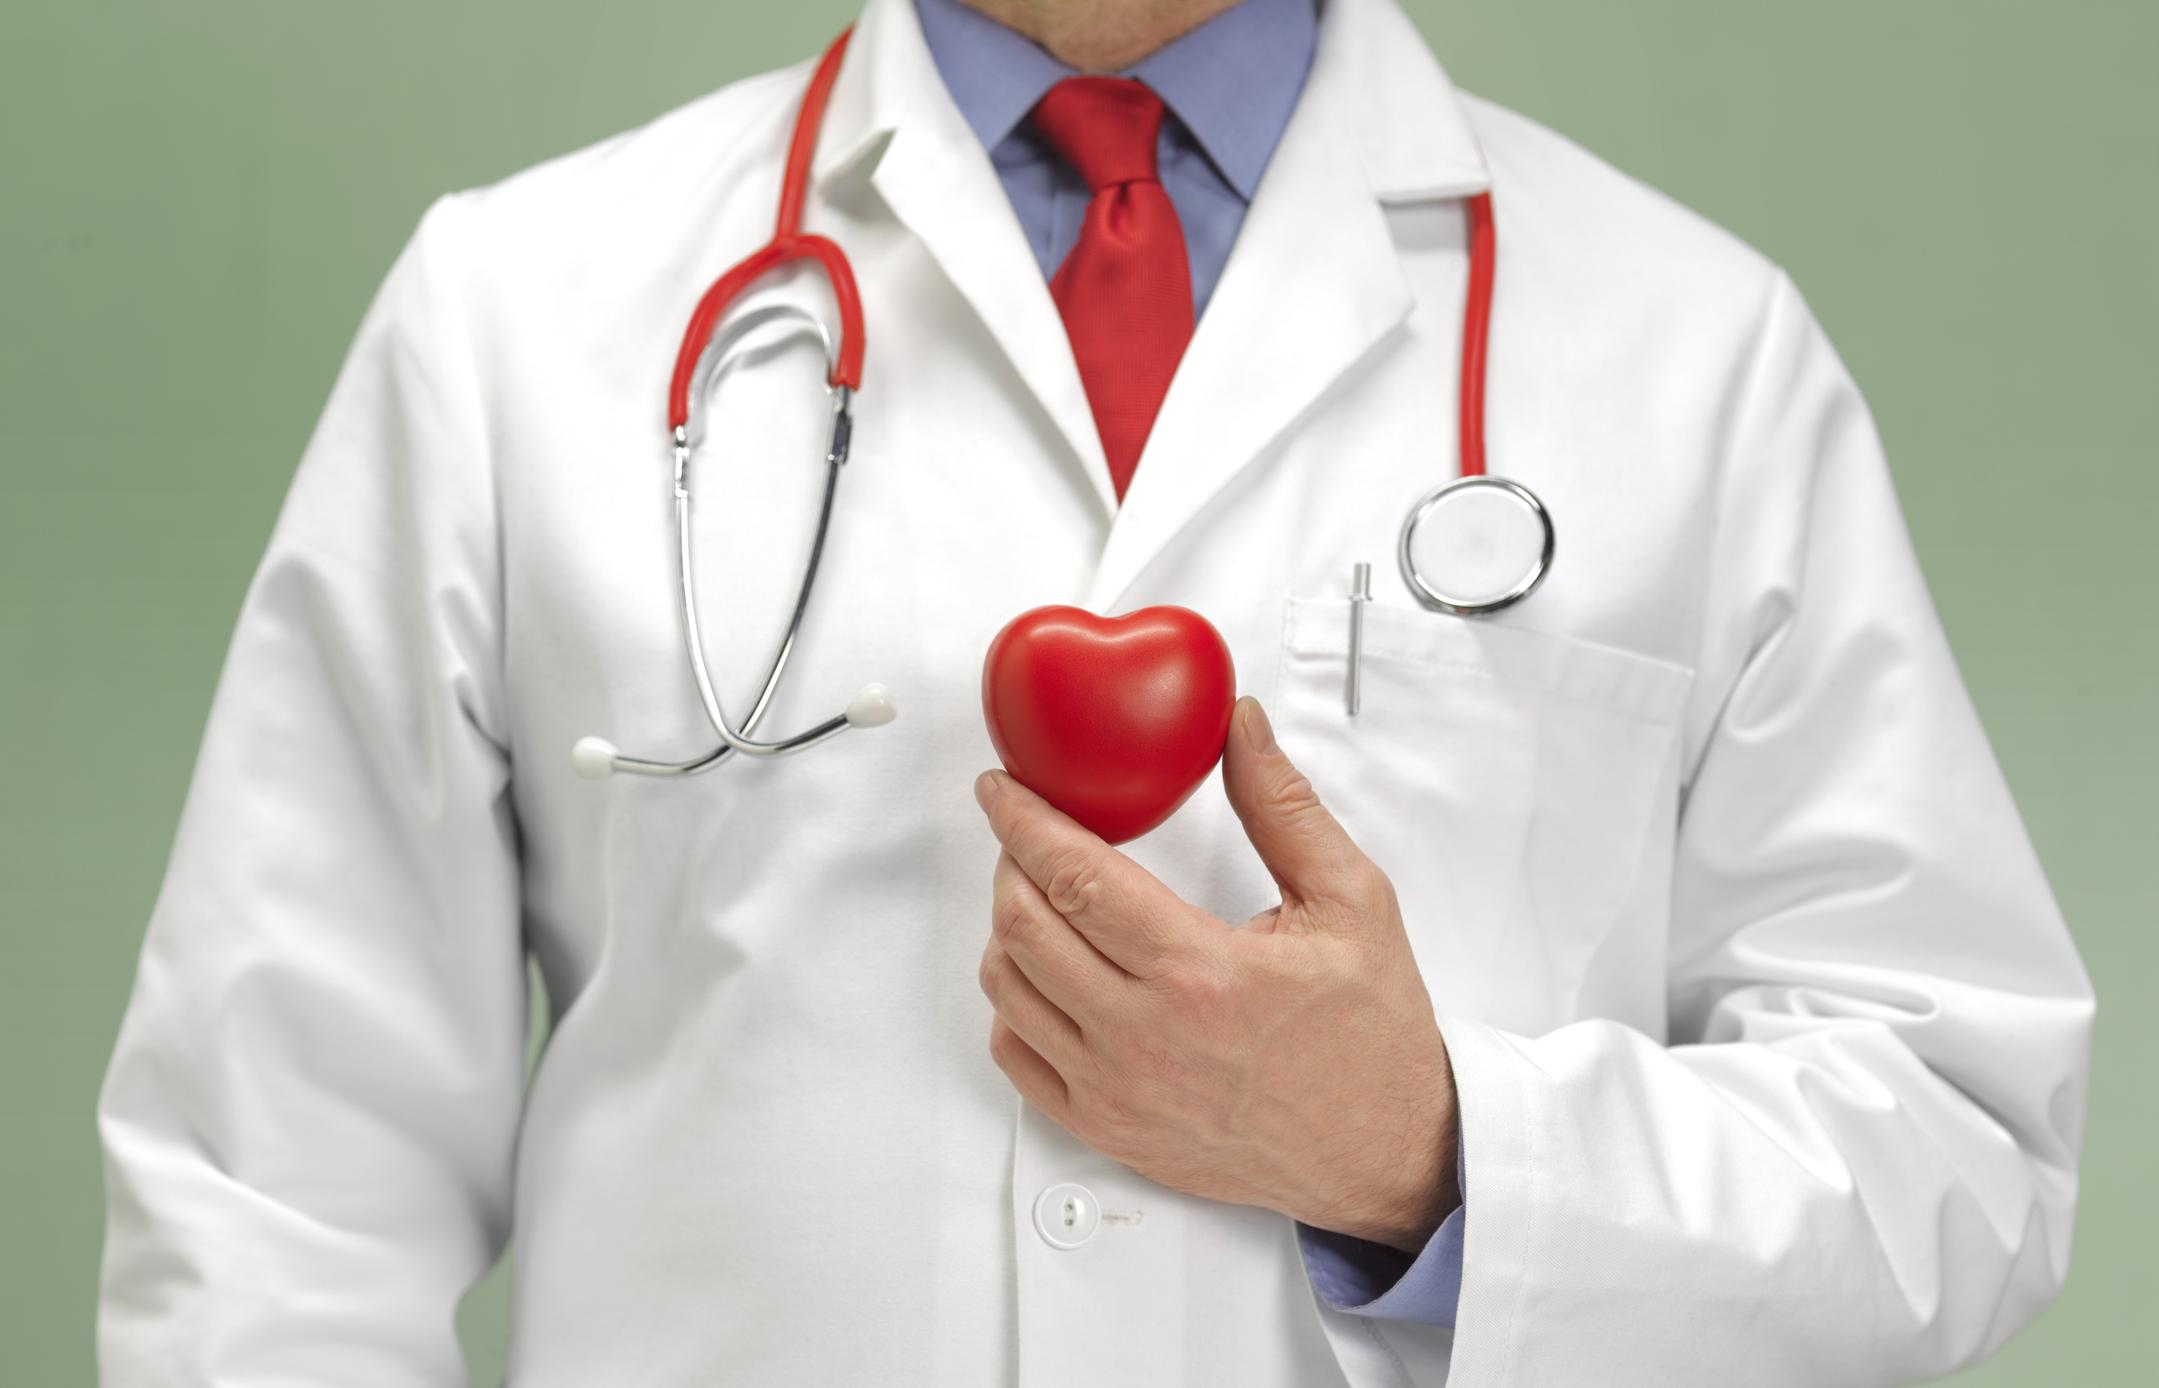 röplabda magas vérnyomás megnövekedett testhőmérséklet hipertóniával